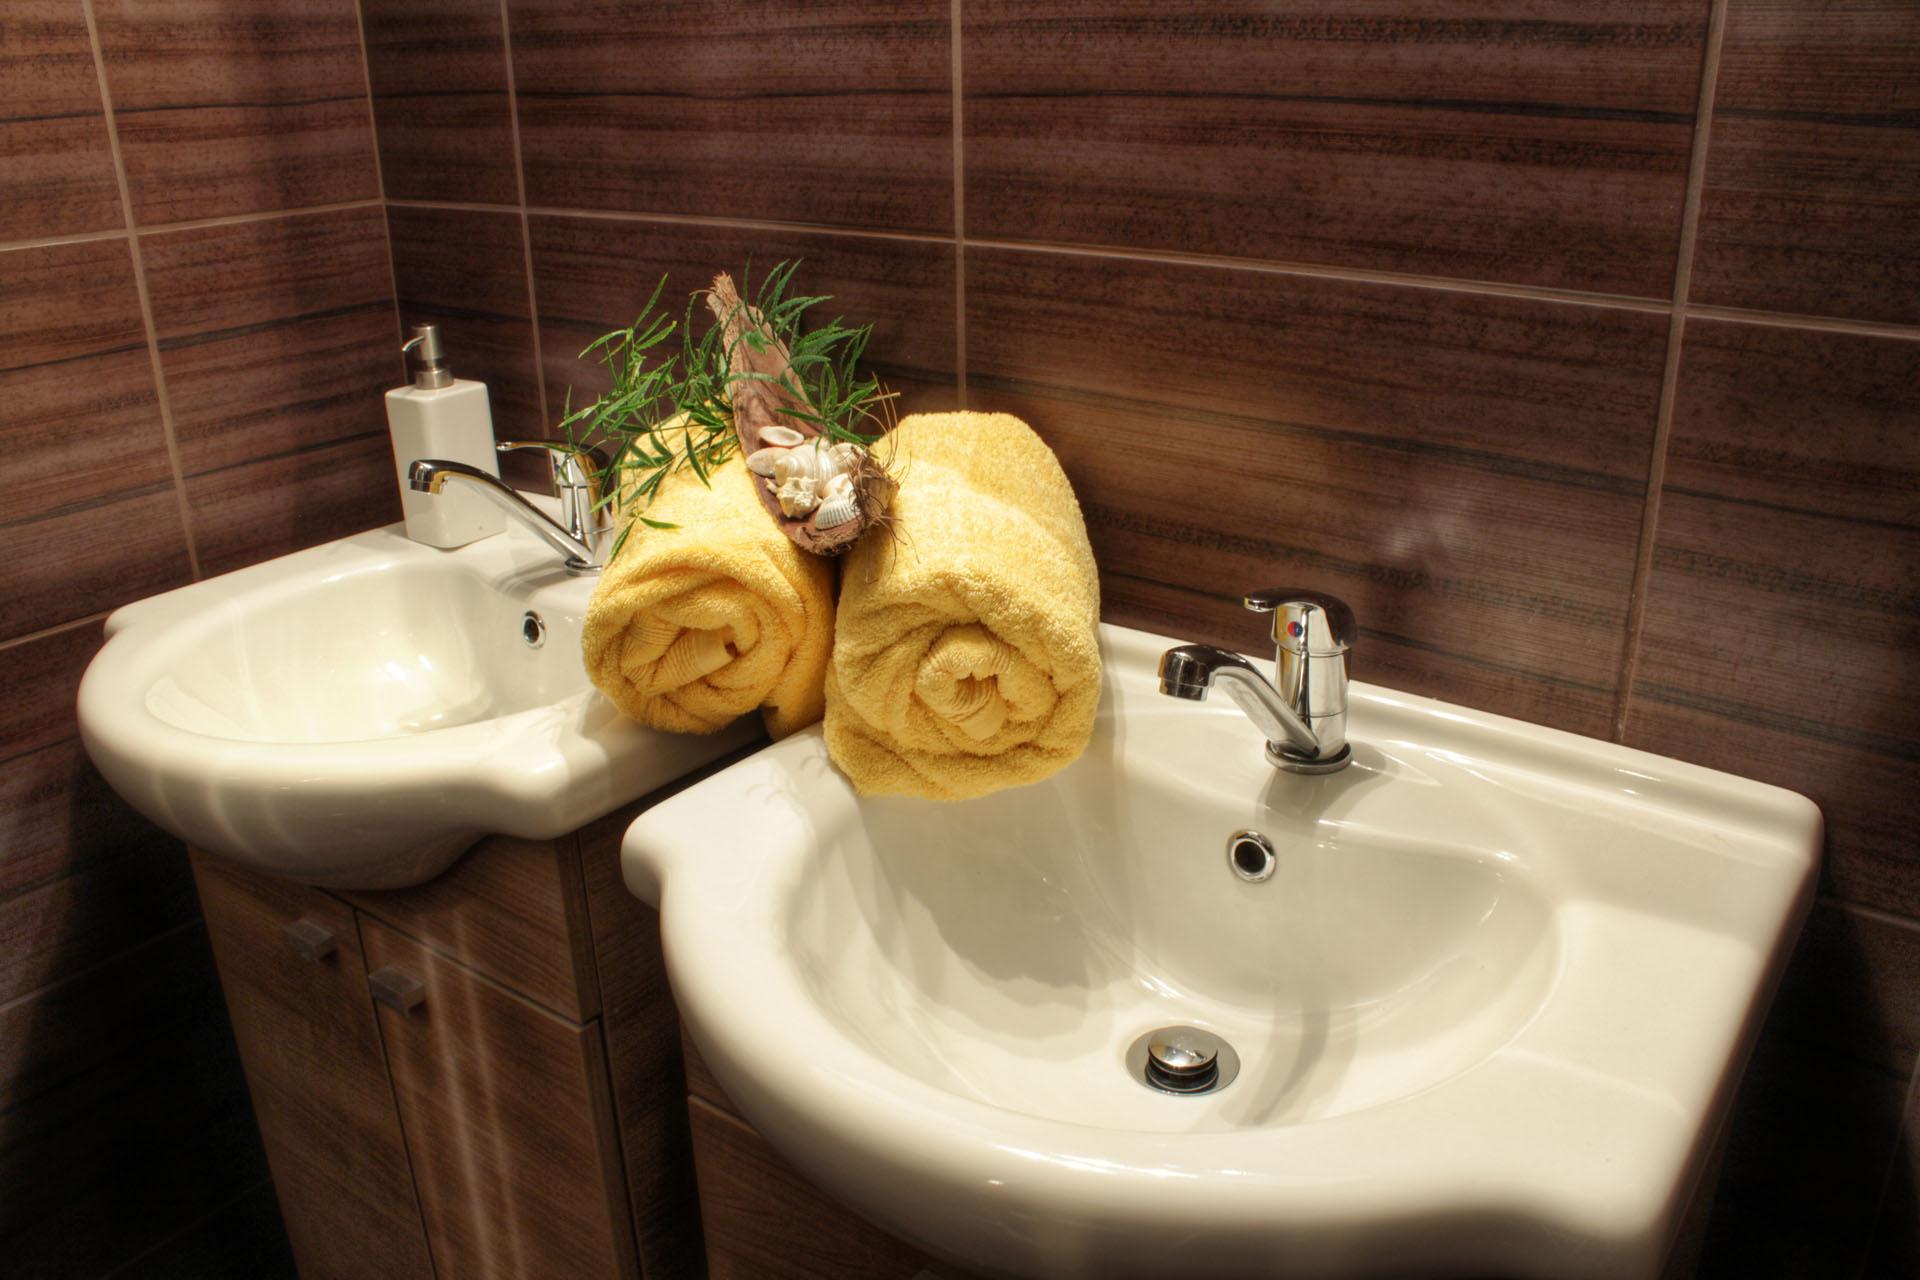 Umyvadla s ručníky, dekorací a typickým dekorem obkladů zdí penzionu Komtesa. Koupelna pokoje Rafaela